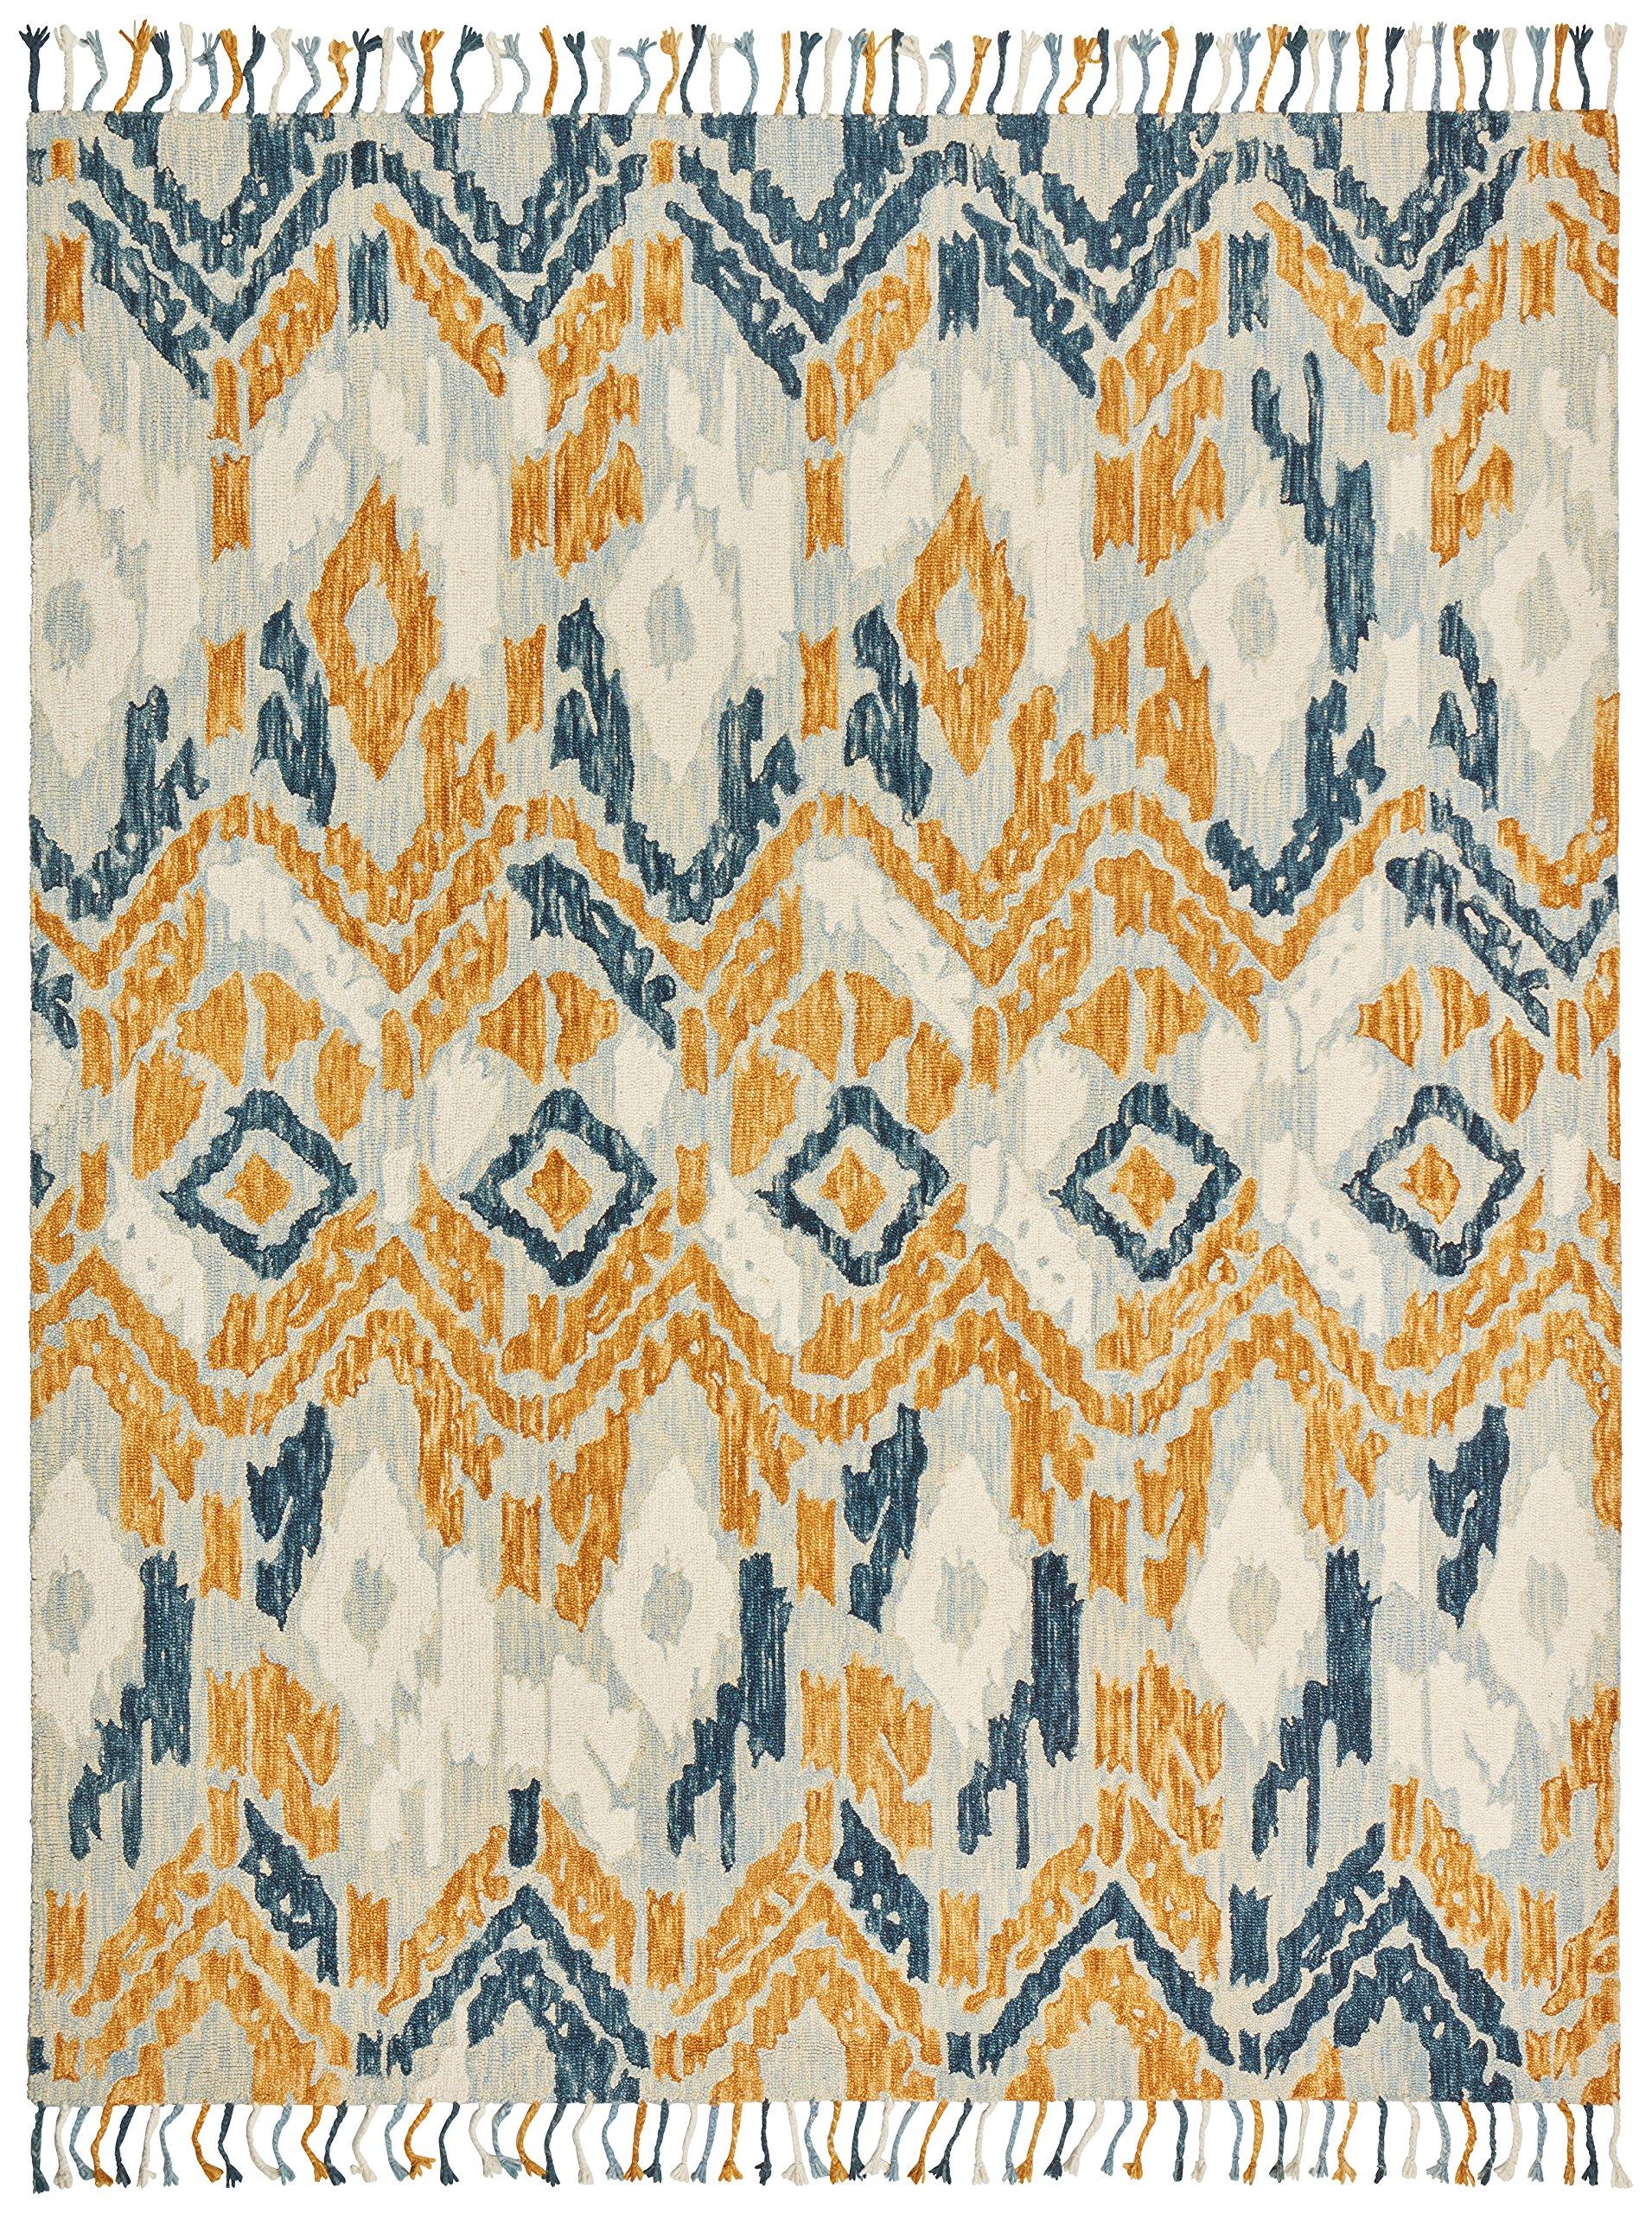 Stone & Beam Modern Global Ikat Wool Area Rug, 5 x